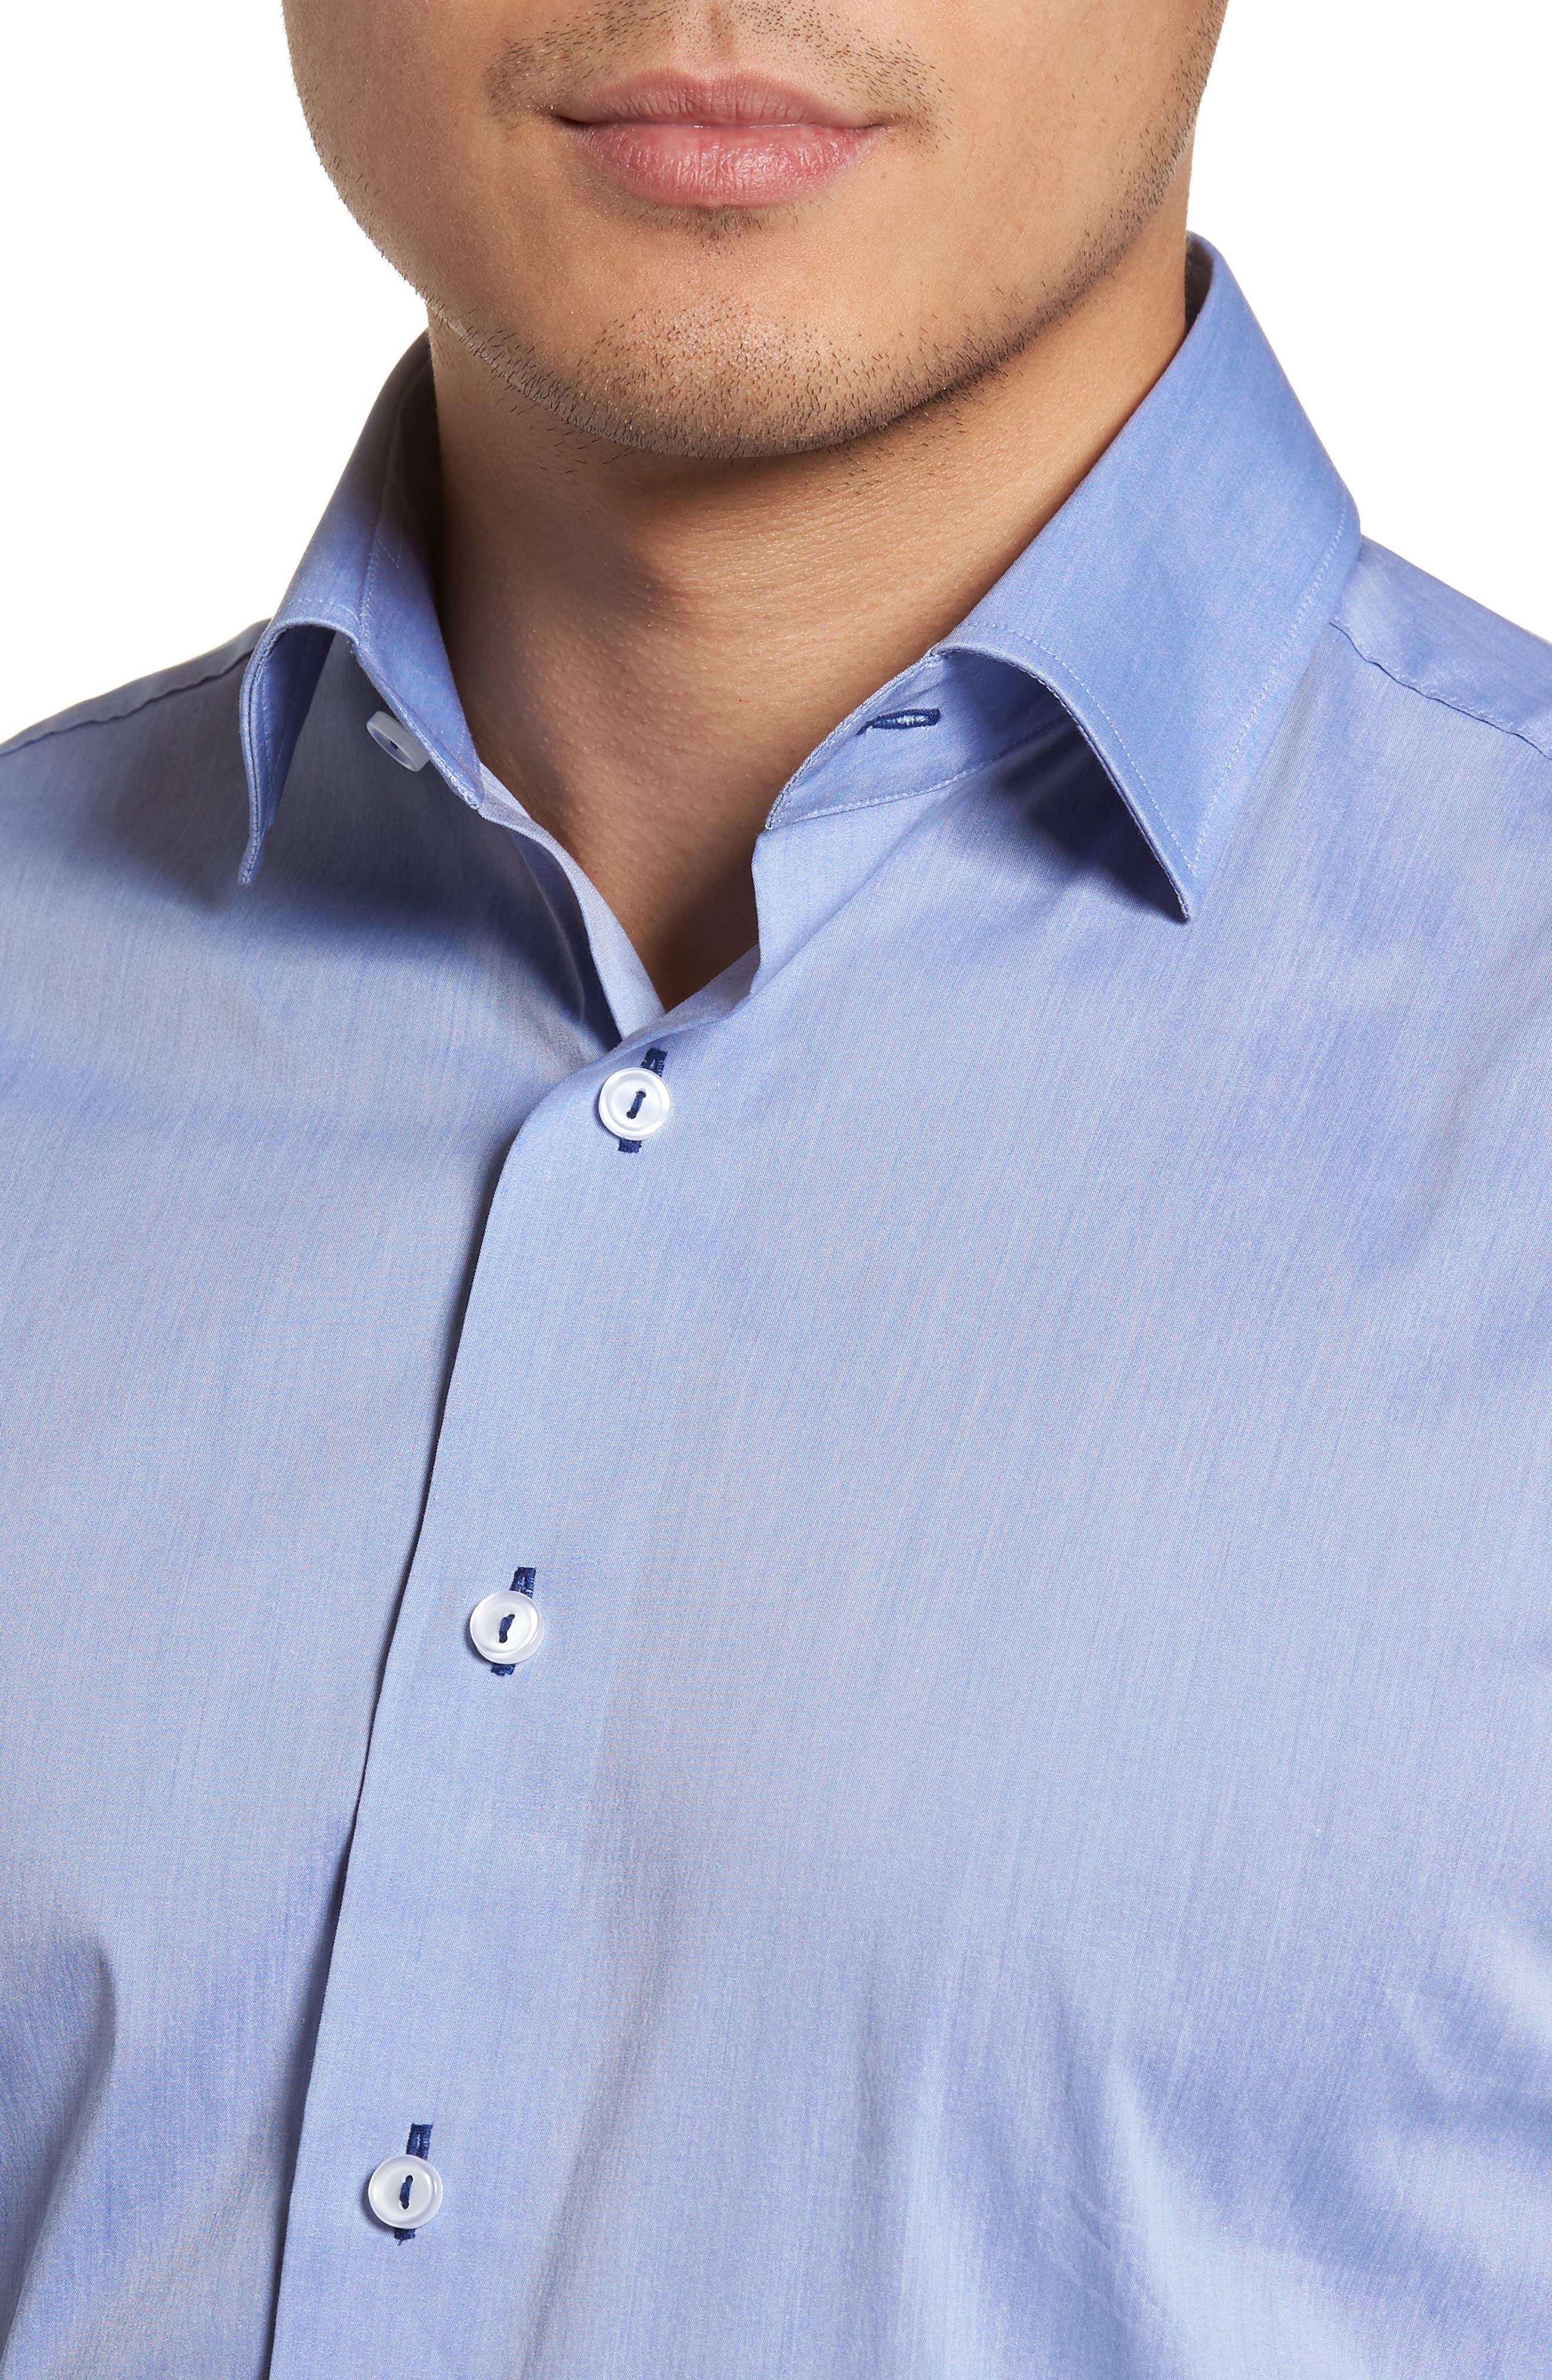 Trim Fit Dress Shirt,                             Alternate thumbnail 2, color,                             410